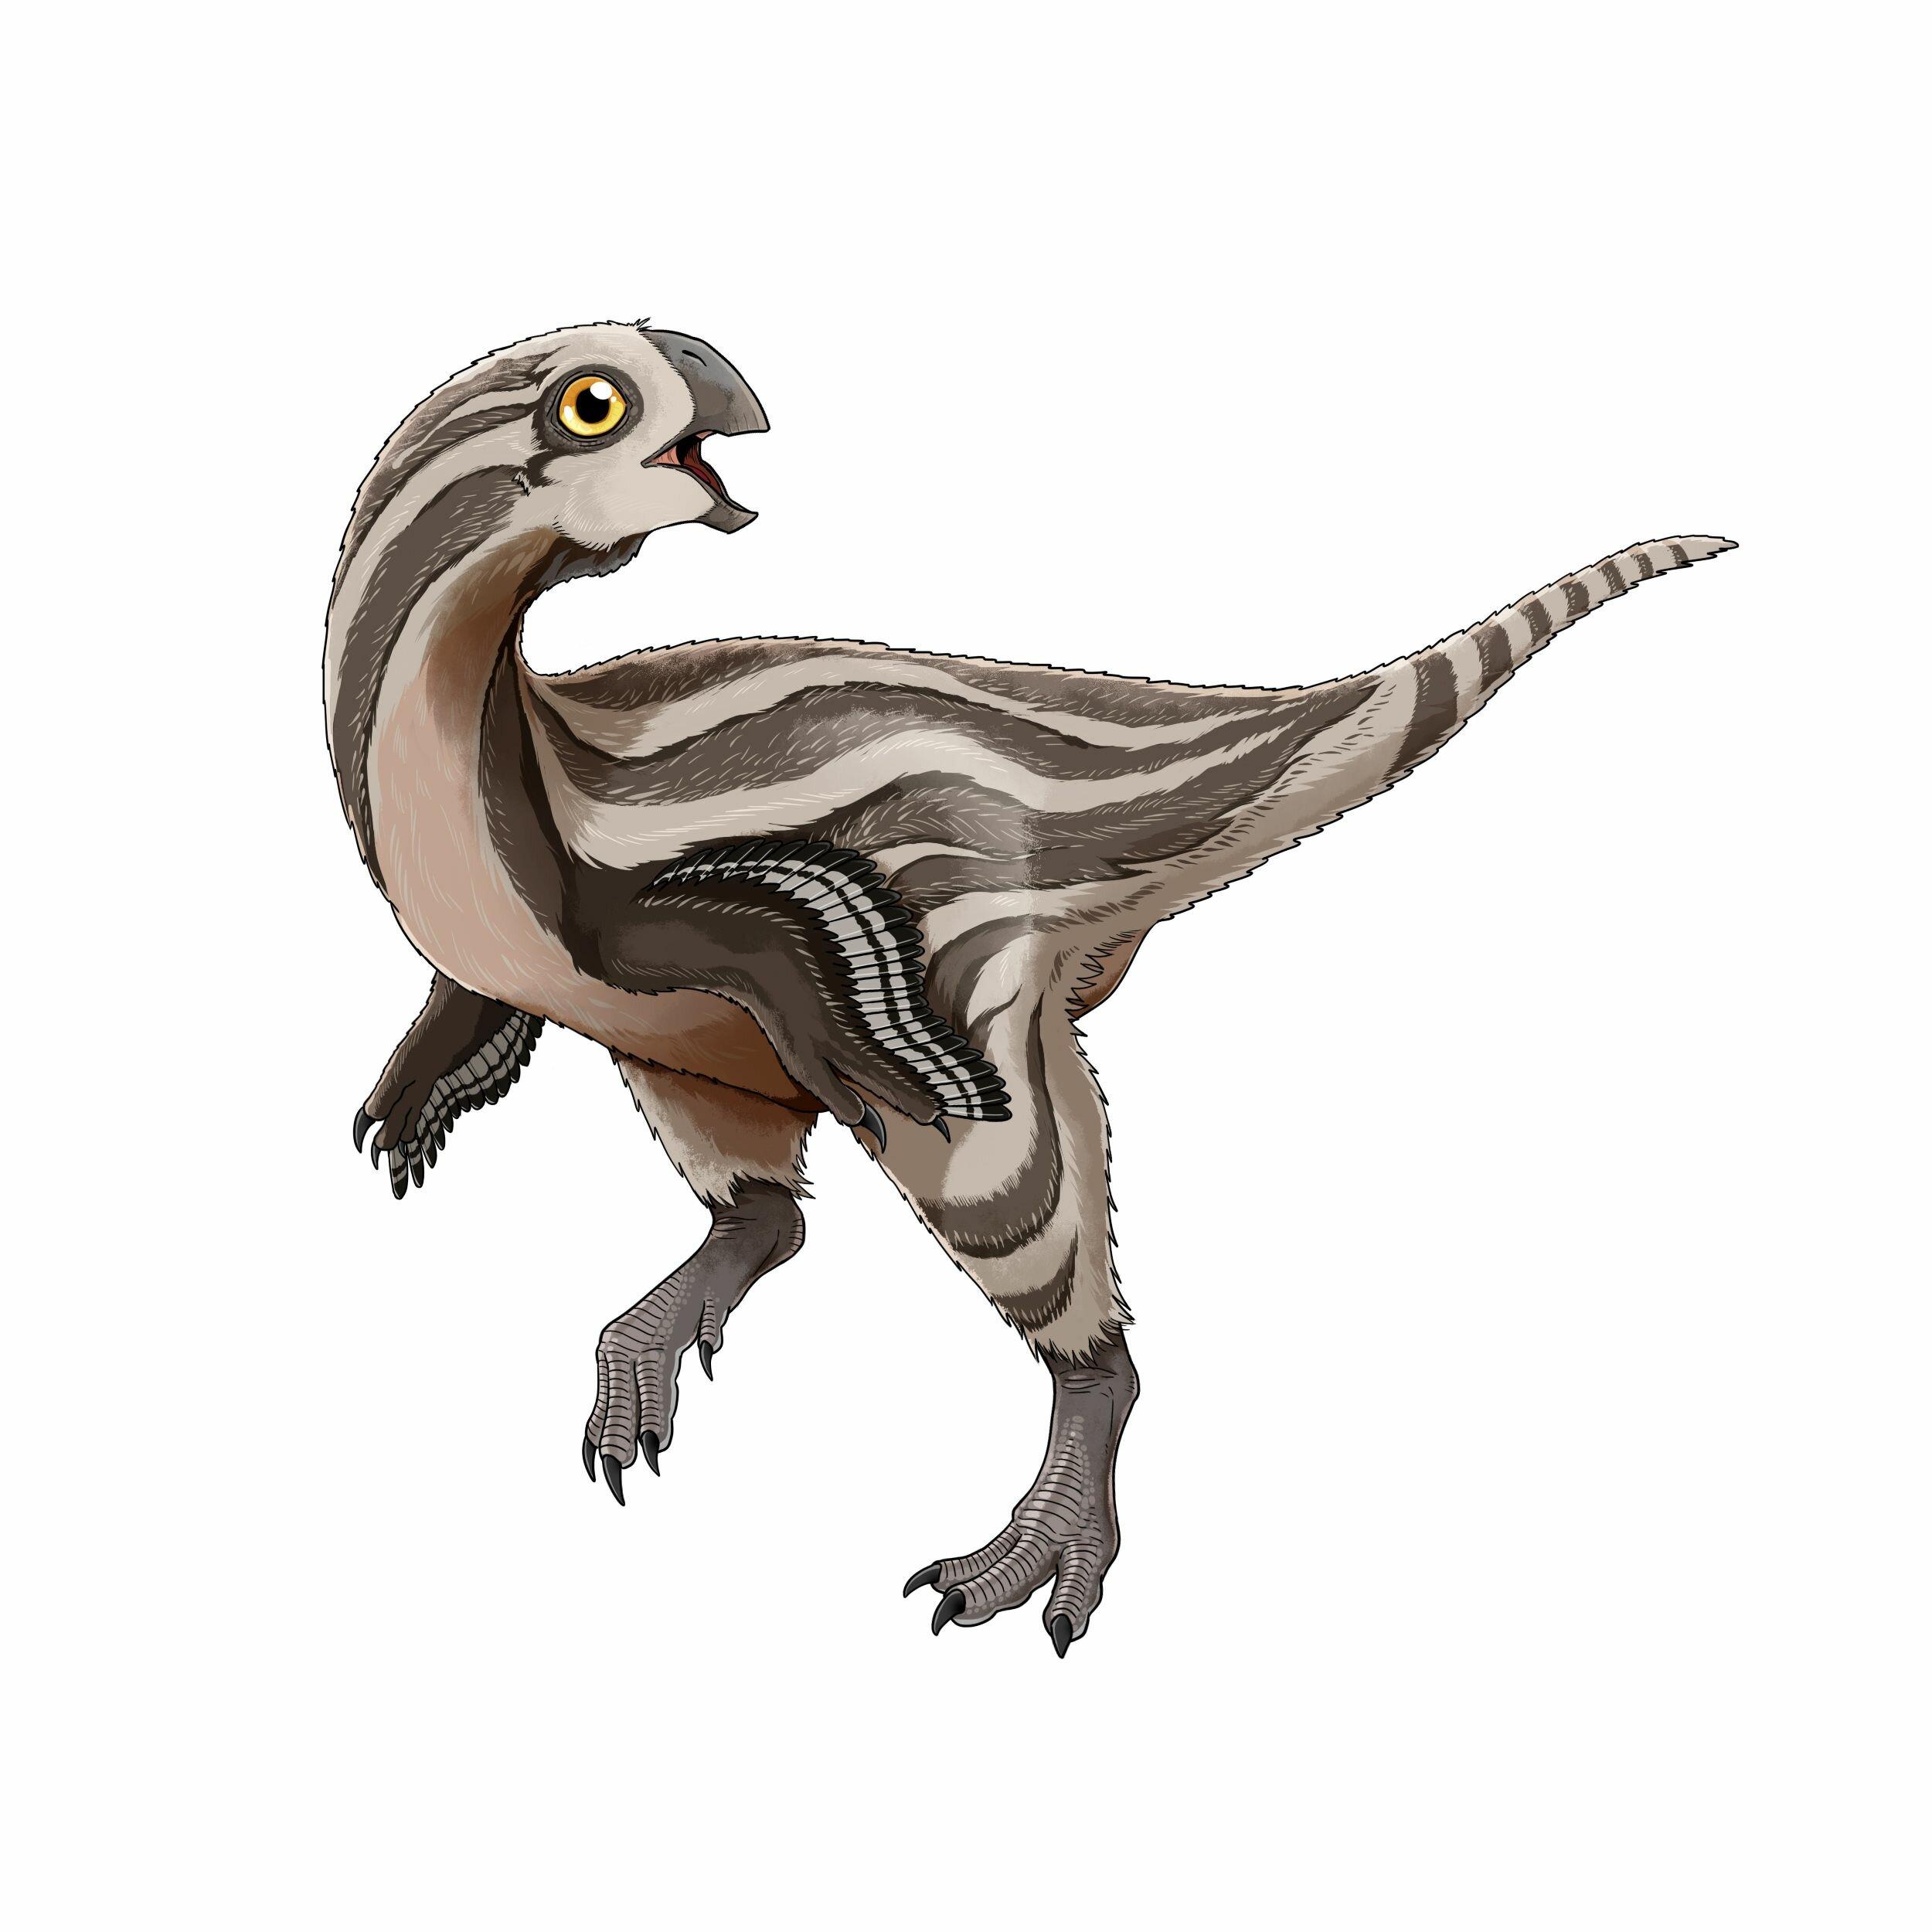 Nuevo oviraptorido de Asia Newoviraptor